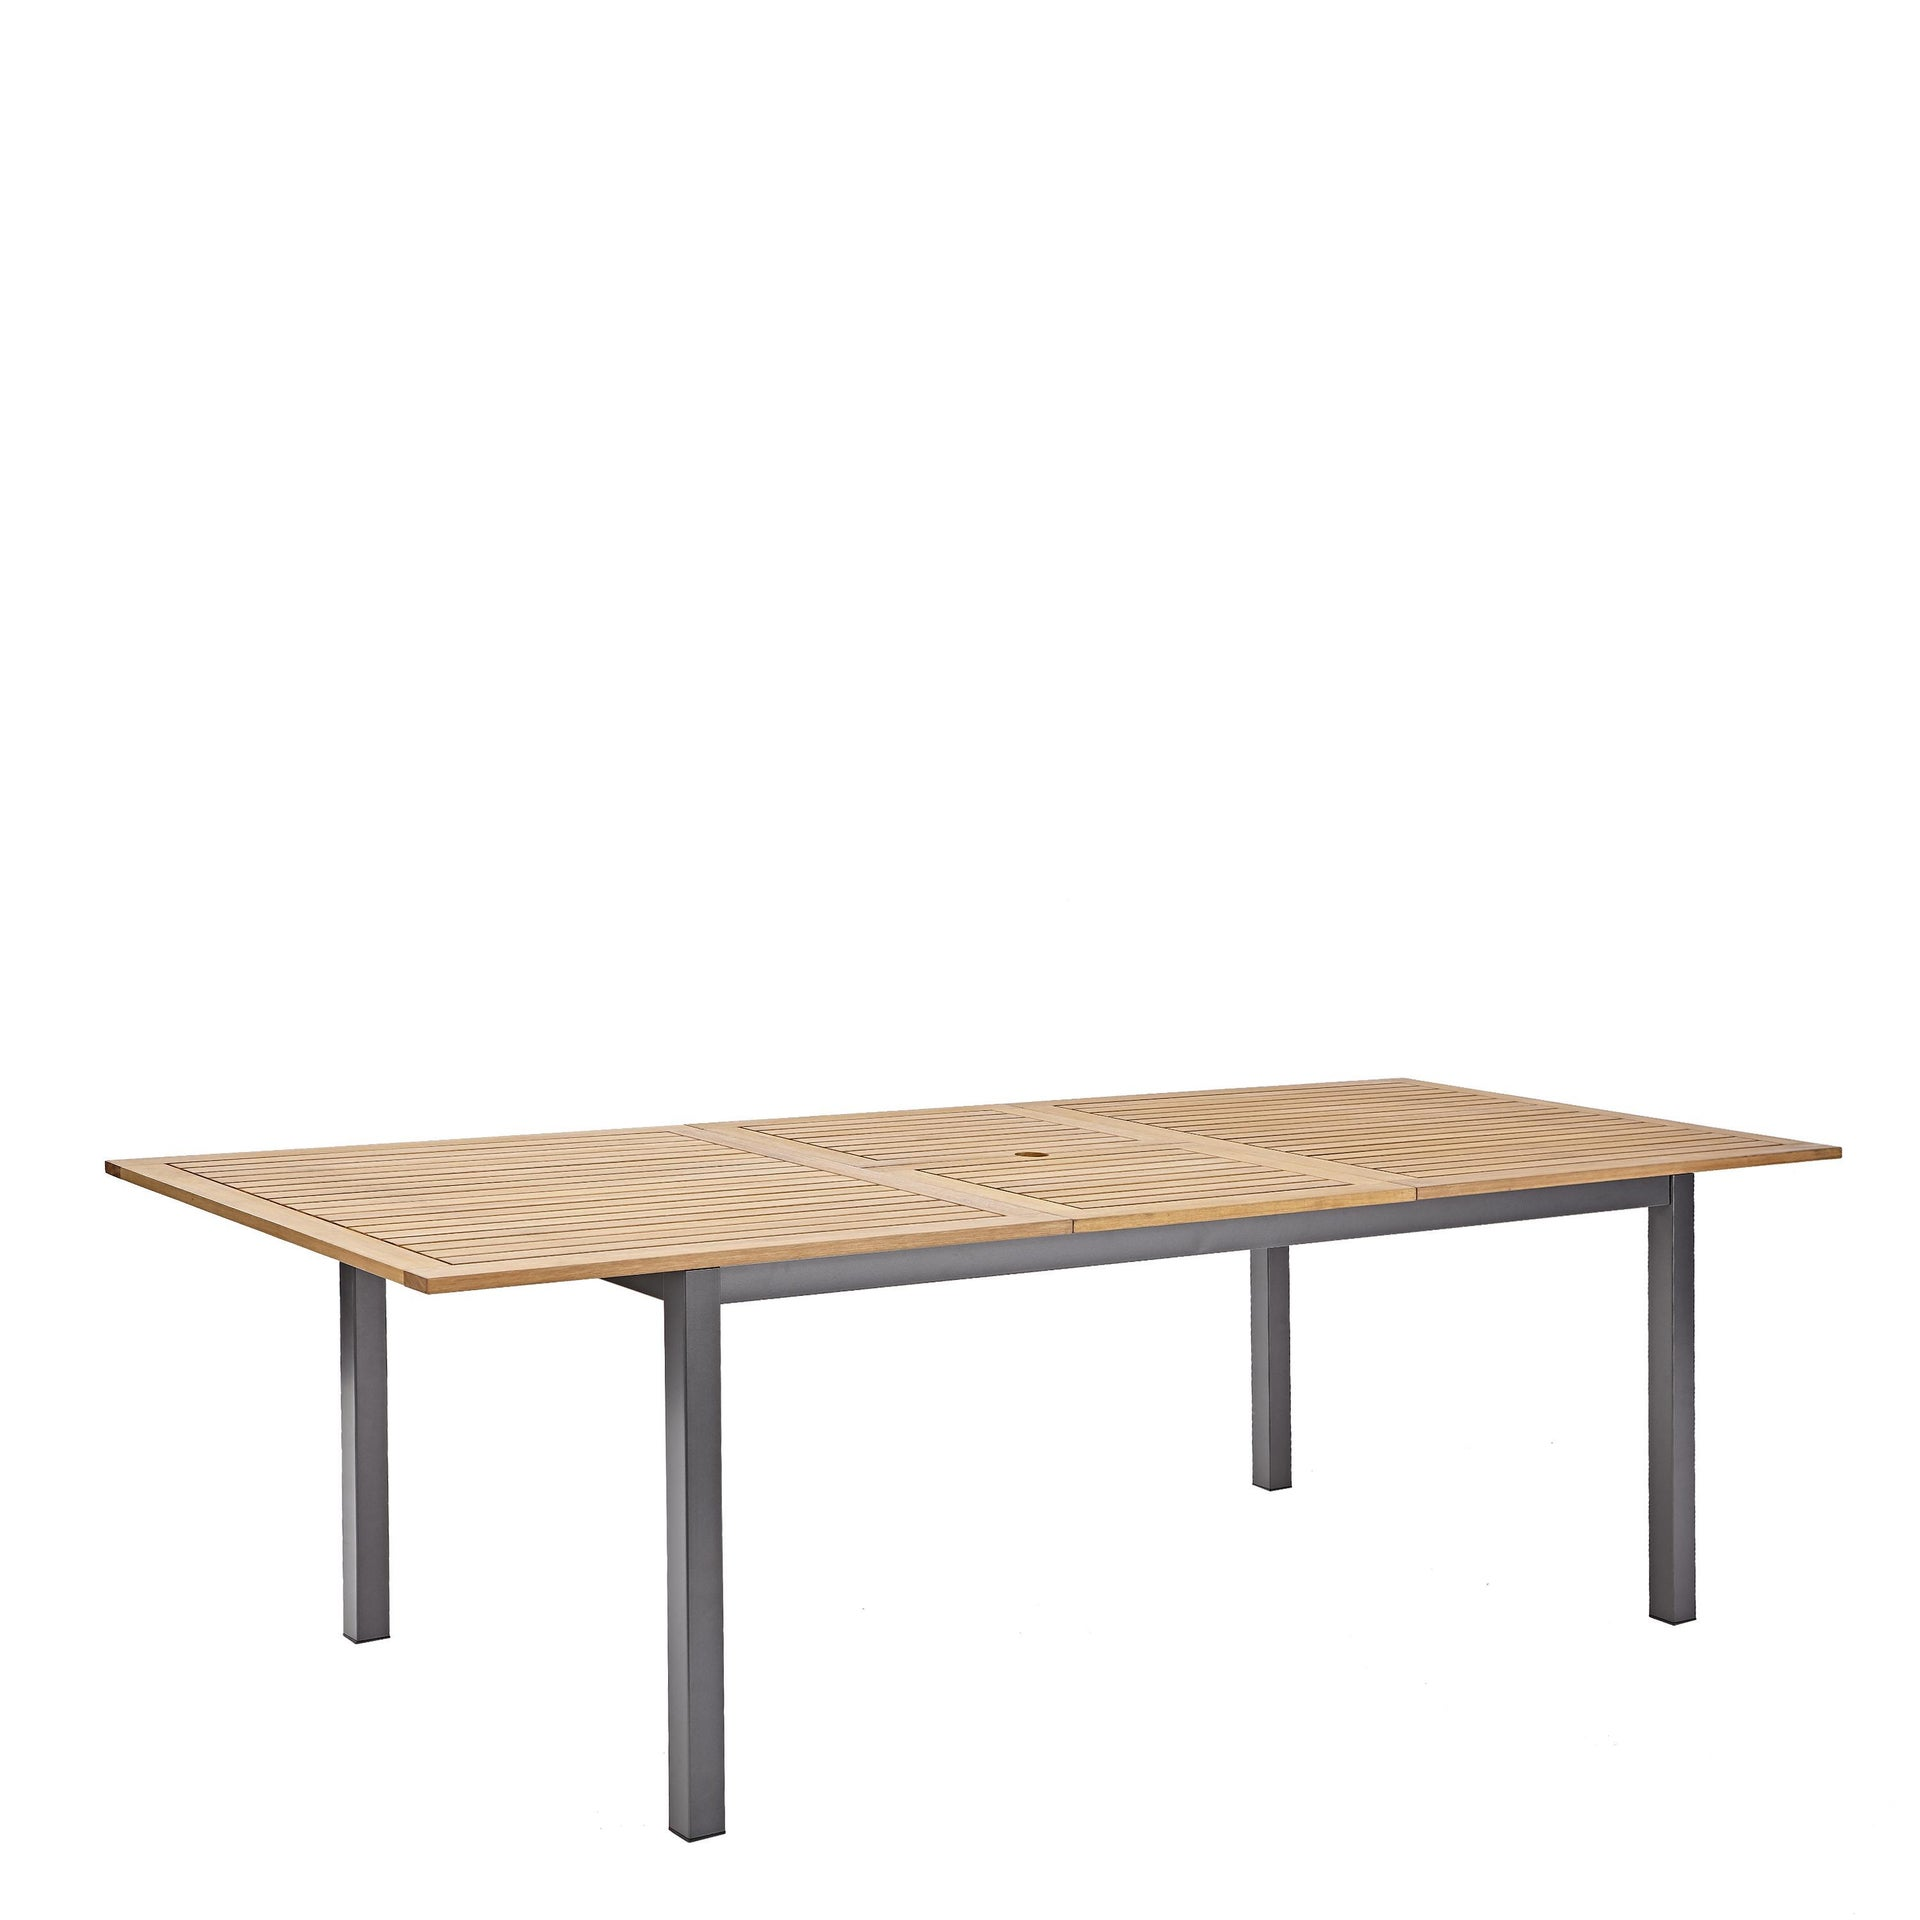 Tavolo da giardino allungabile rettangolare Oris NATERIAL con piano in legno L 180/240 x P 98.9 cm - 9